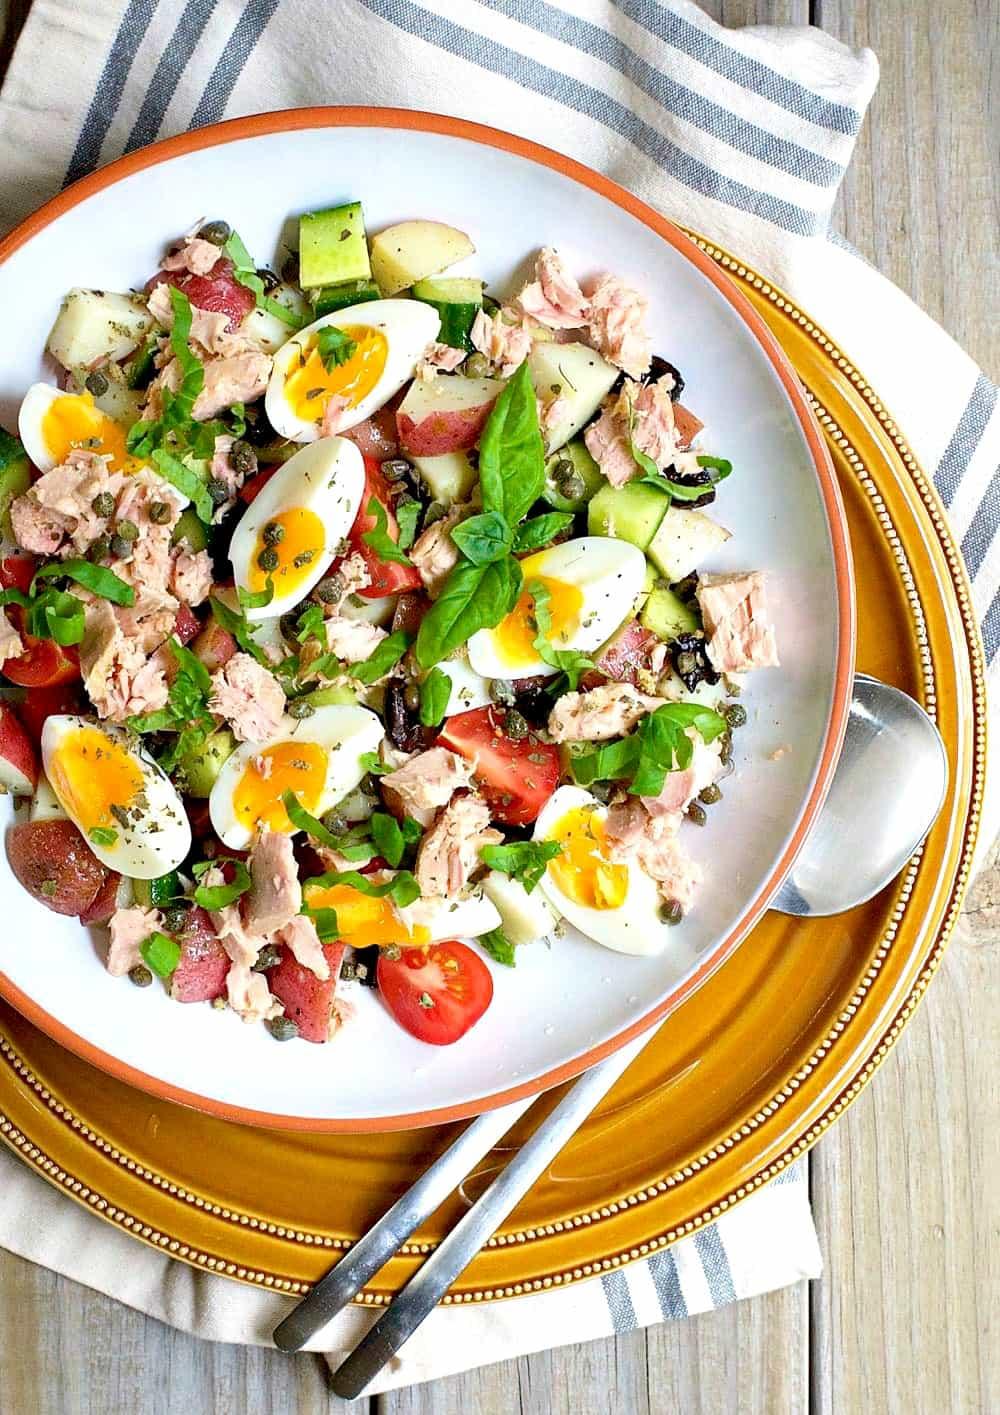 Italian Potato Salad with Tuna